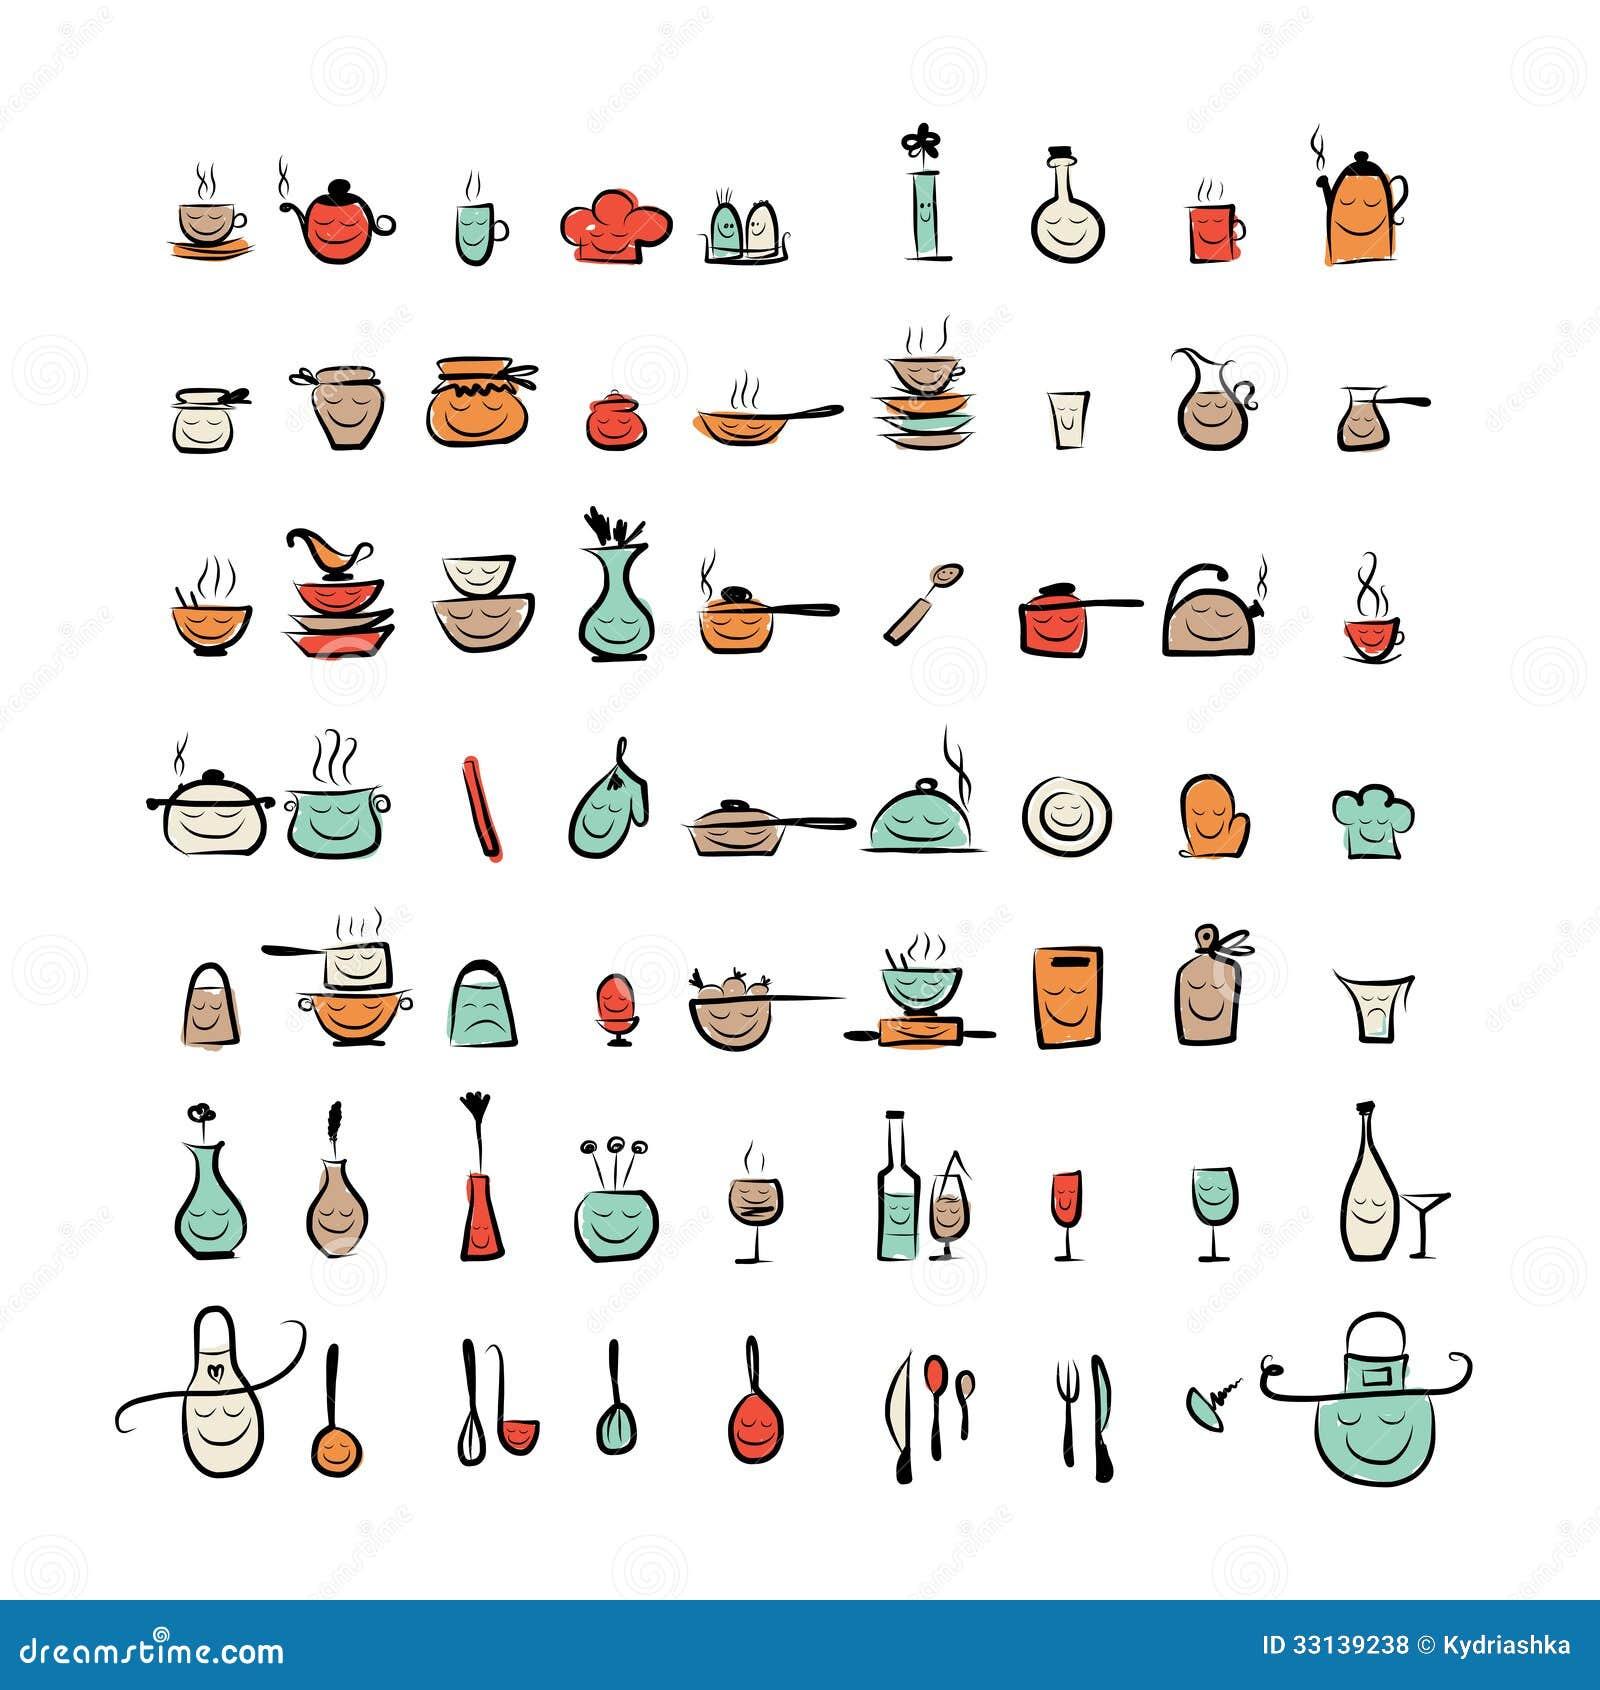 Caratteri Degli Utensili Della Cucina Icone Del Disegno Di Schizzo  #AF541C 1300 1390 Utensili Da Cucina Disegni